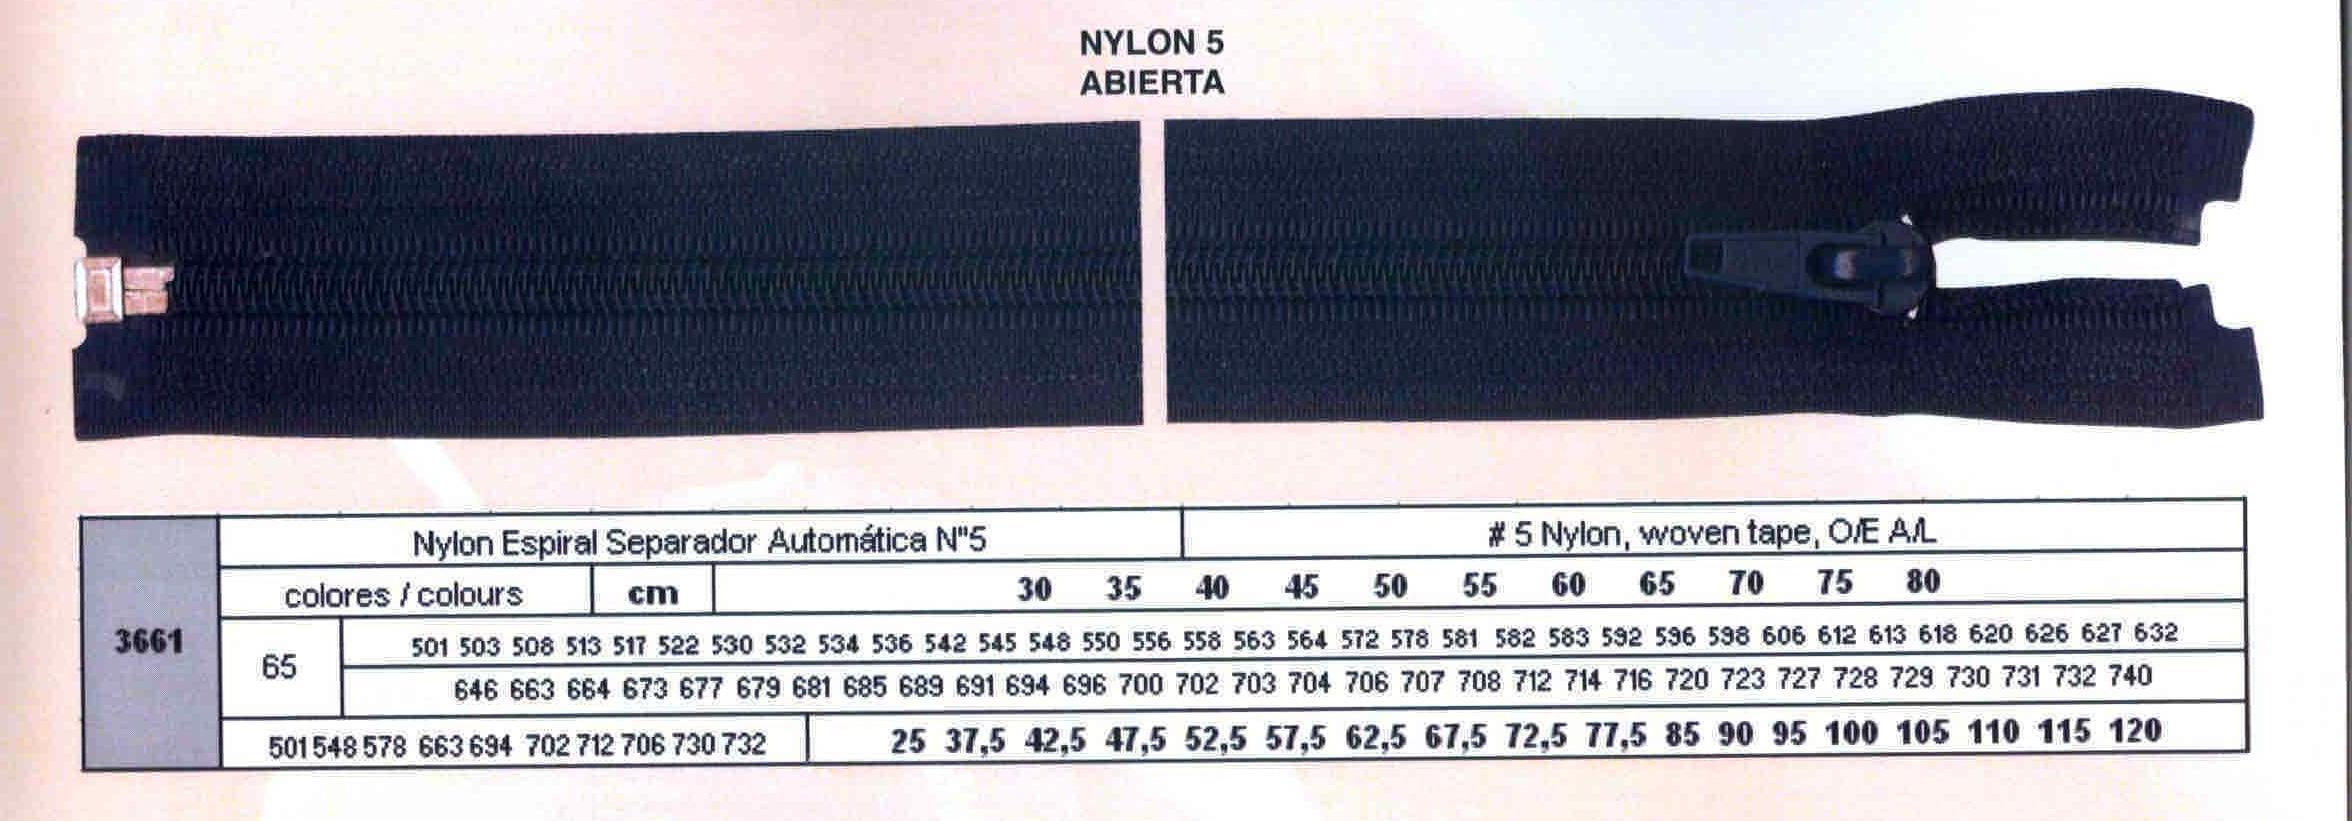 Cremallera SNS Nylon Espiral Separador Automática num. 5